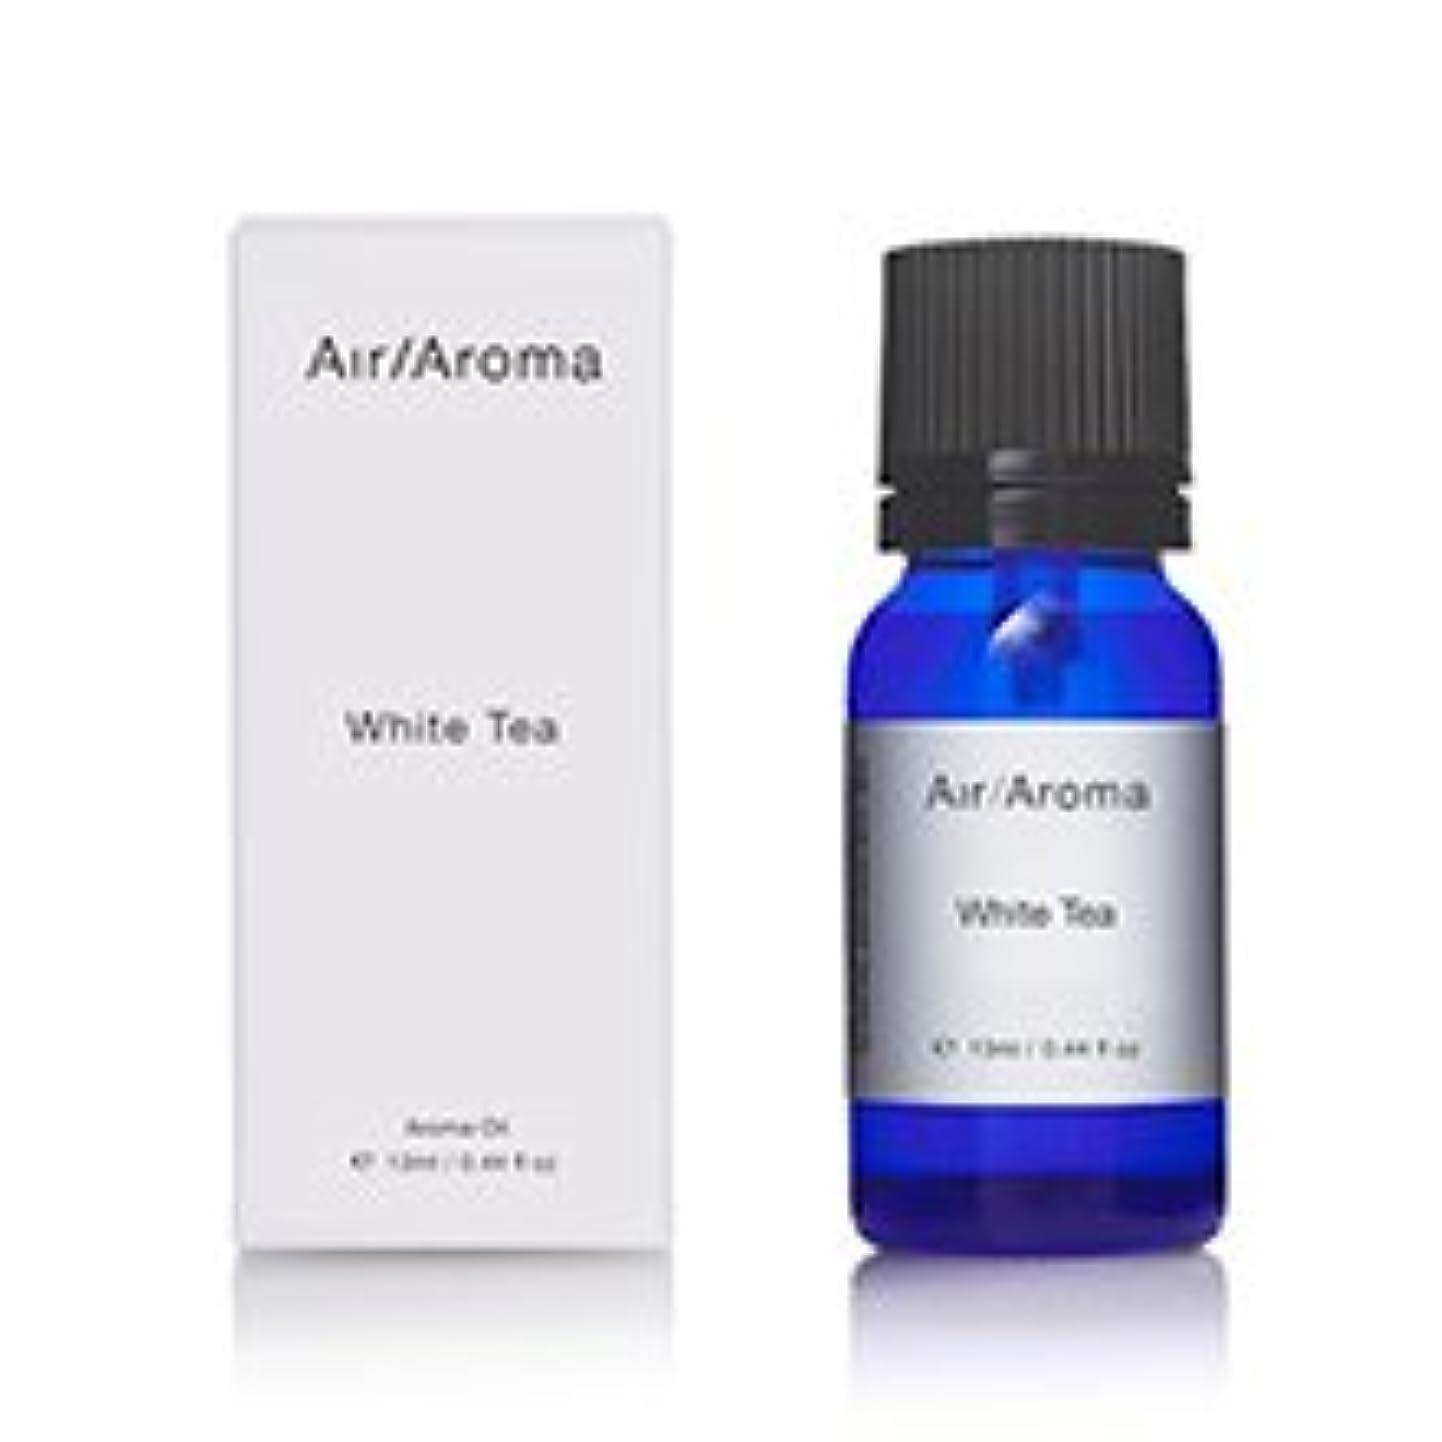 成熟したピア運命的なエアアロマ White Tea (ホワイトティー) 13ml